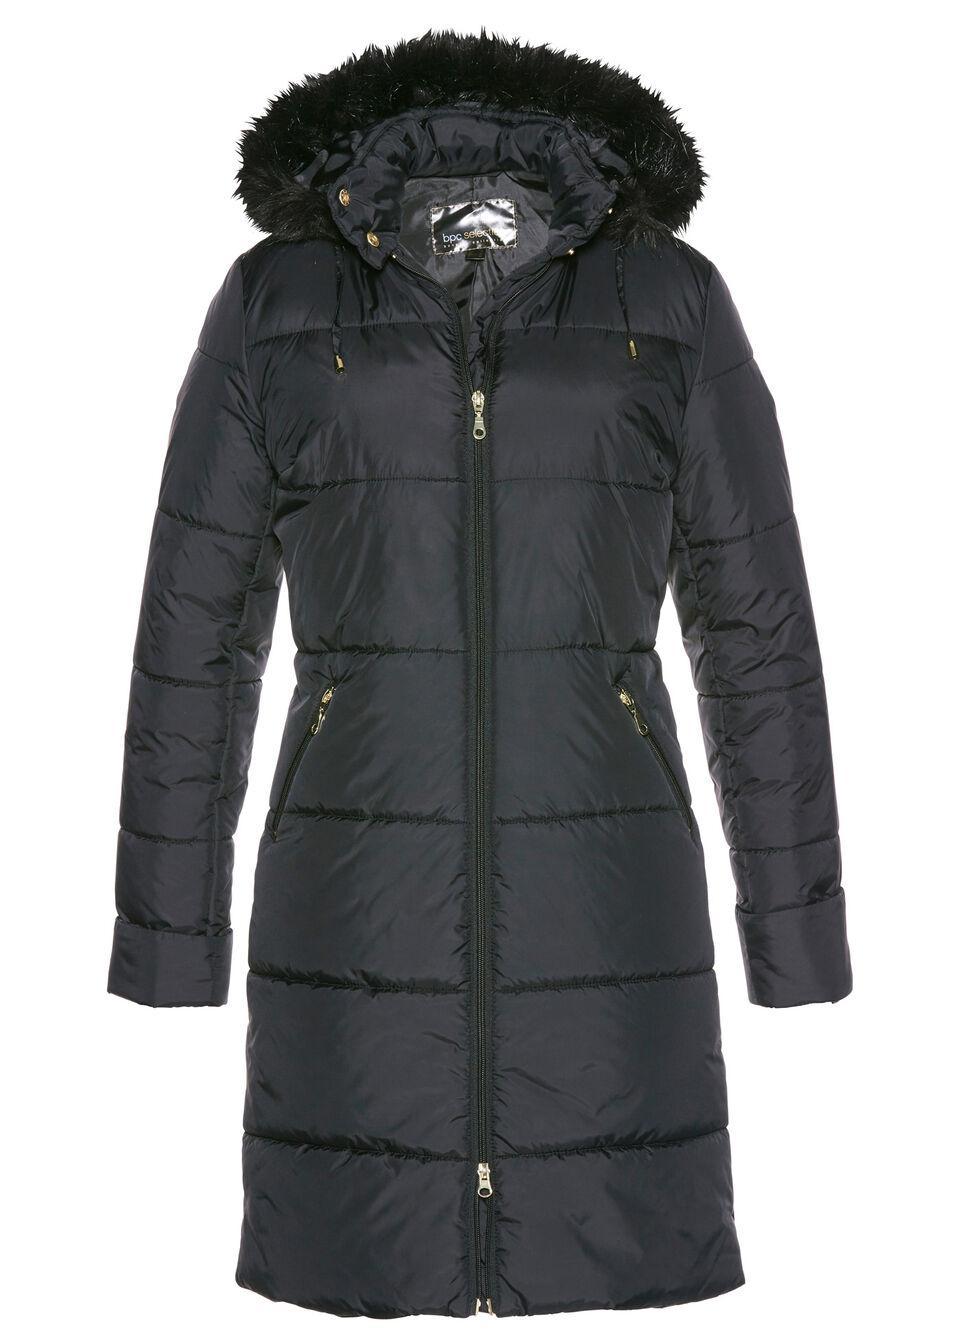 Купить Стеганое пальто с капюшоном, отделанным искусственным мехом, bonprix, черный